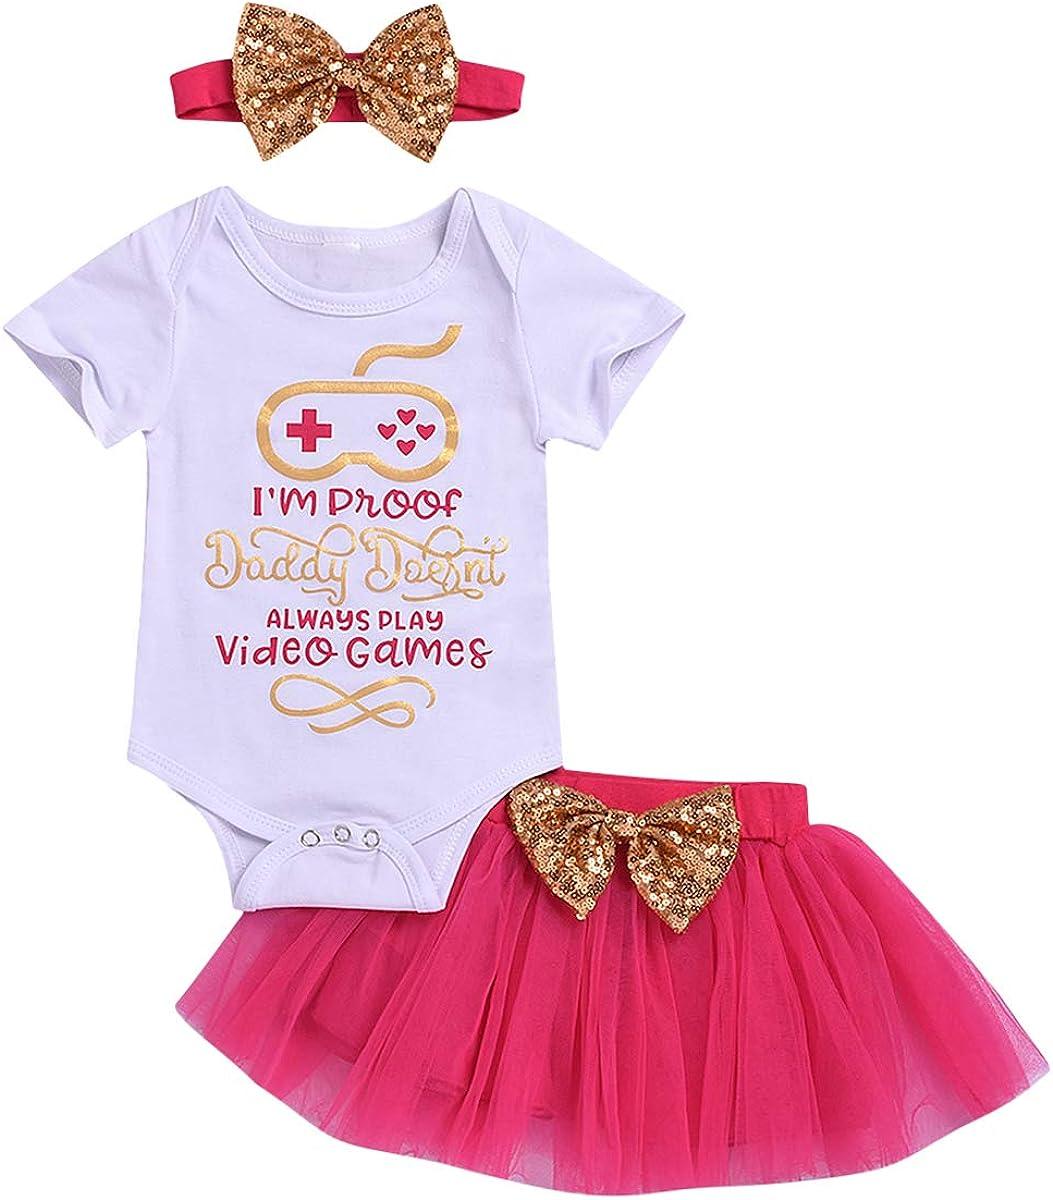 0-24M Baby Girl Short Sleeve Romper+Bowknot Tulle Skirt+Headband 3Pcs Set